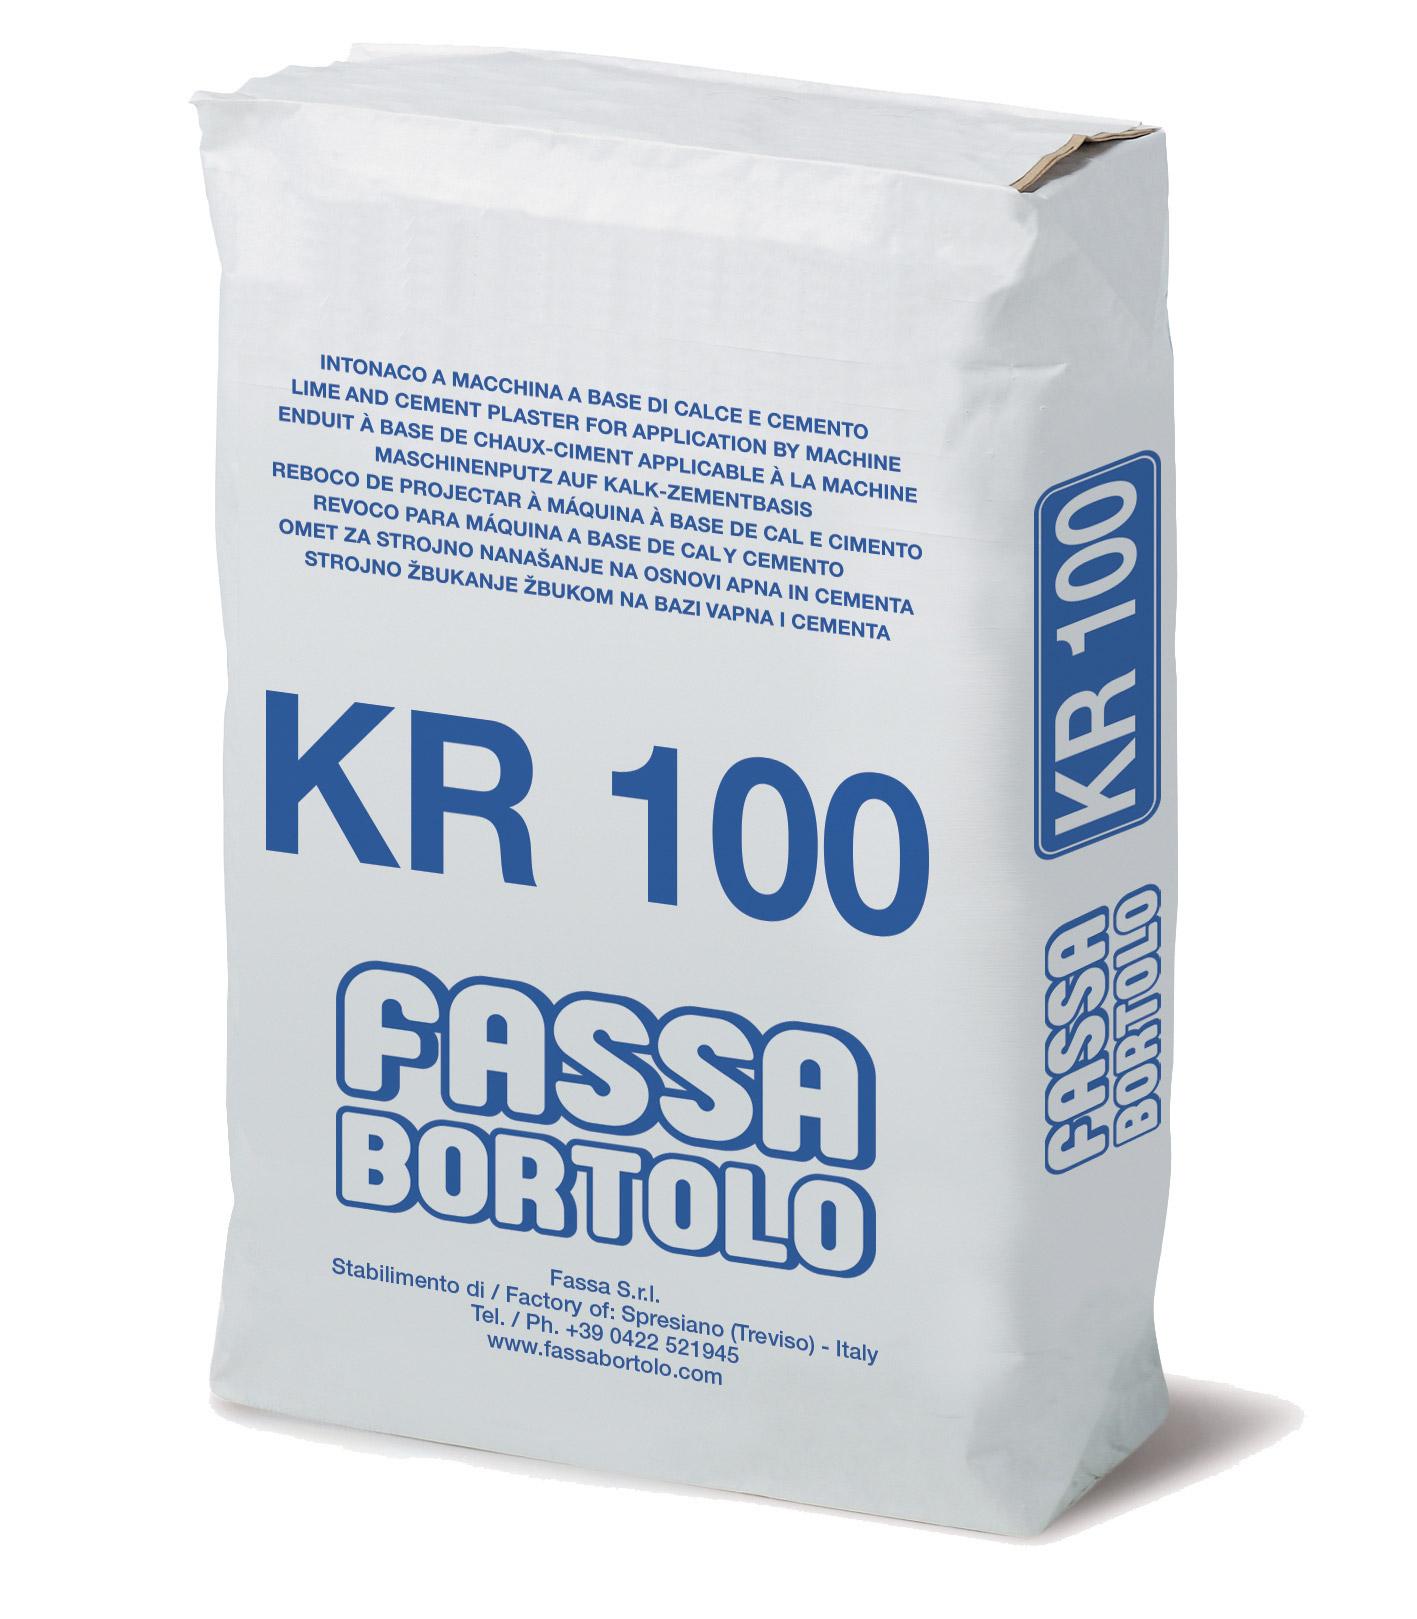 KR 100: Intonaco di fondo a base di cemento e calce, con elevate resistenze meccaniche, per esterni ed interni